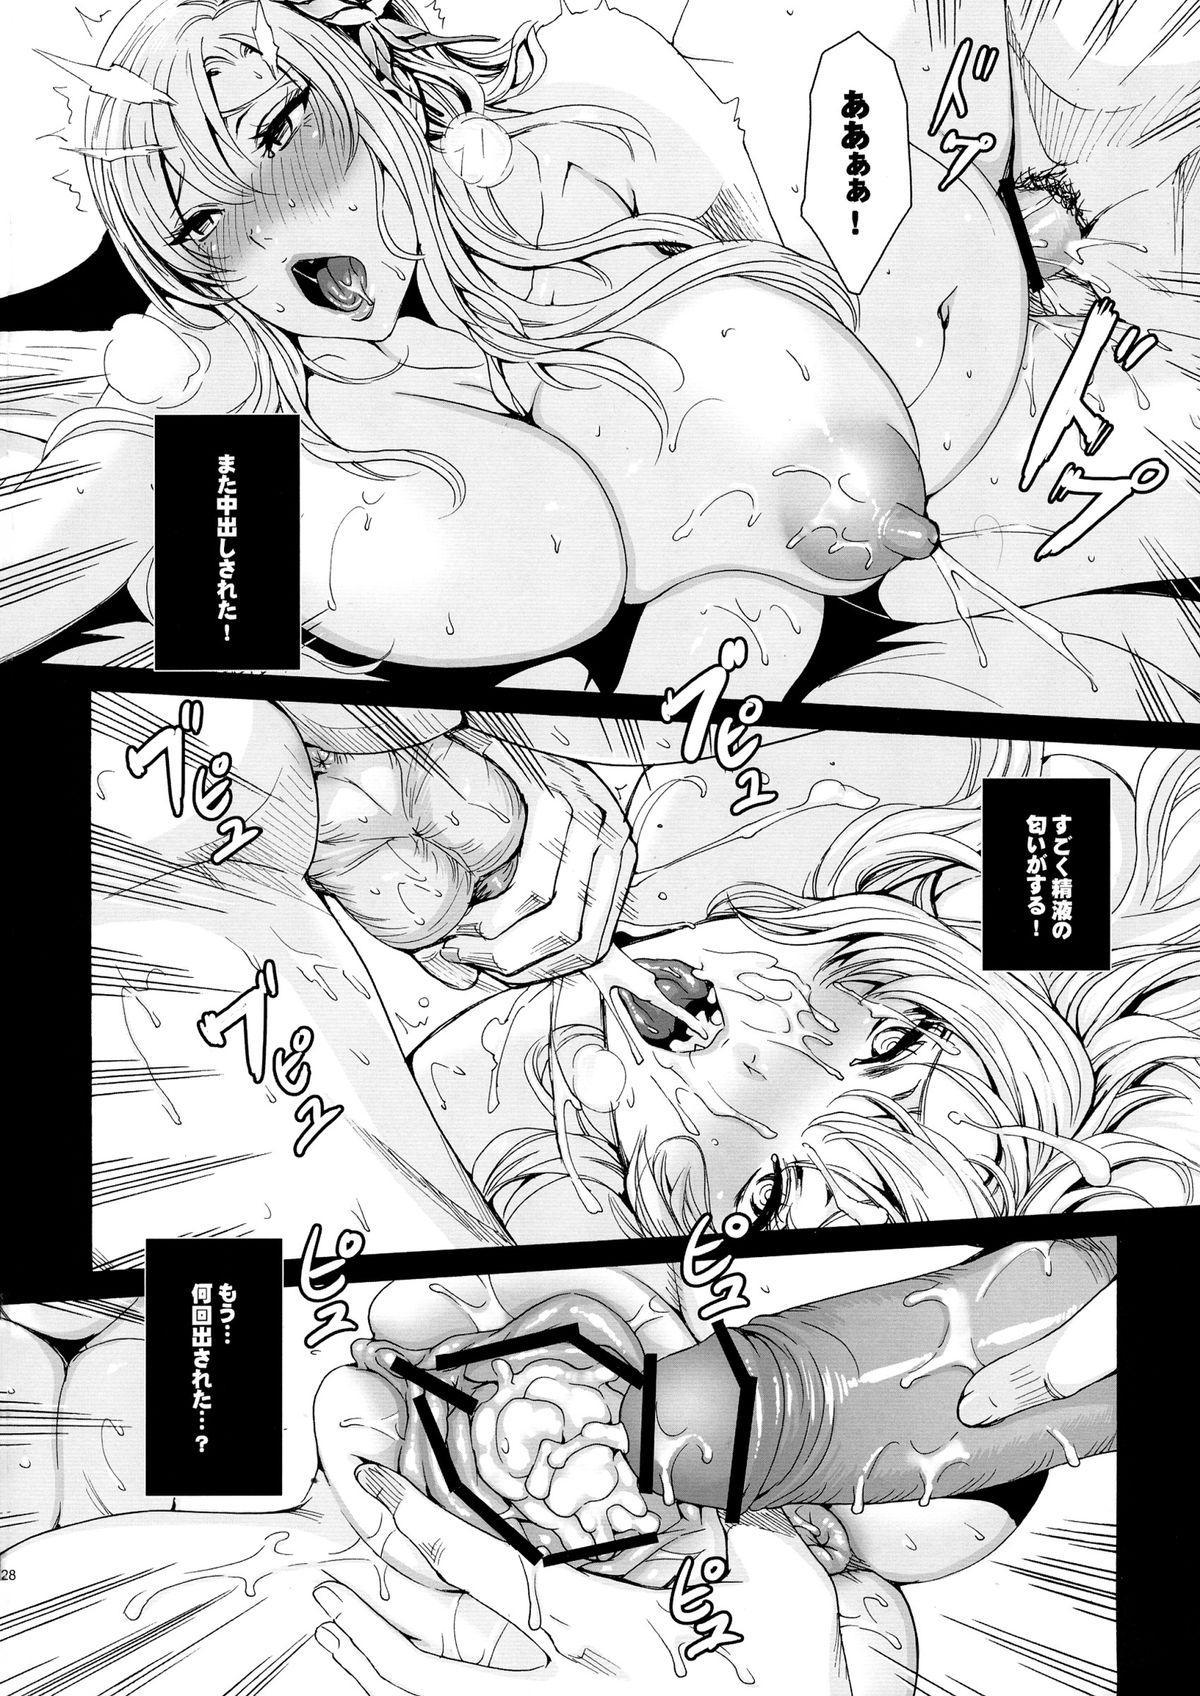 Sena 29sai Tomodachi ga Inai 27